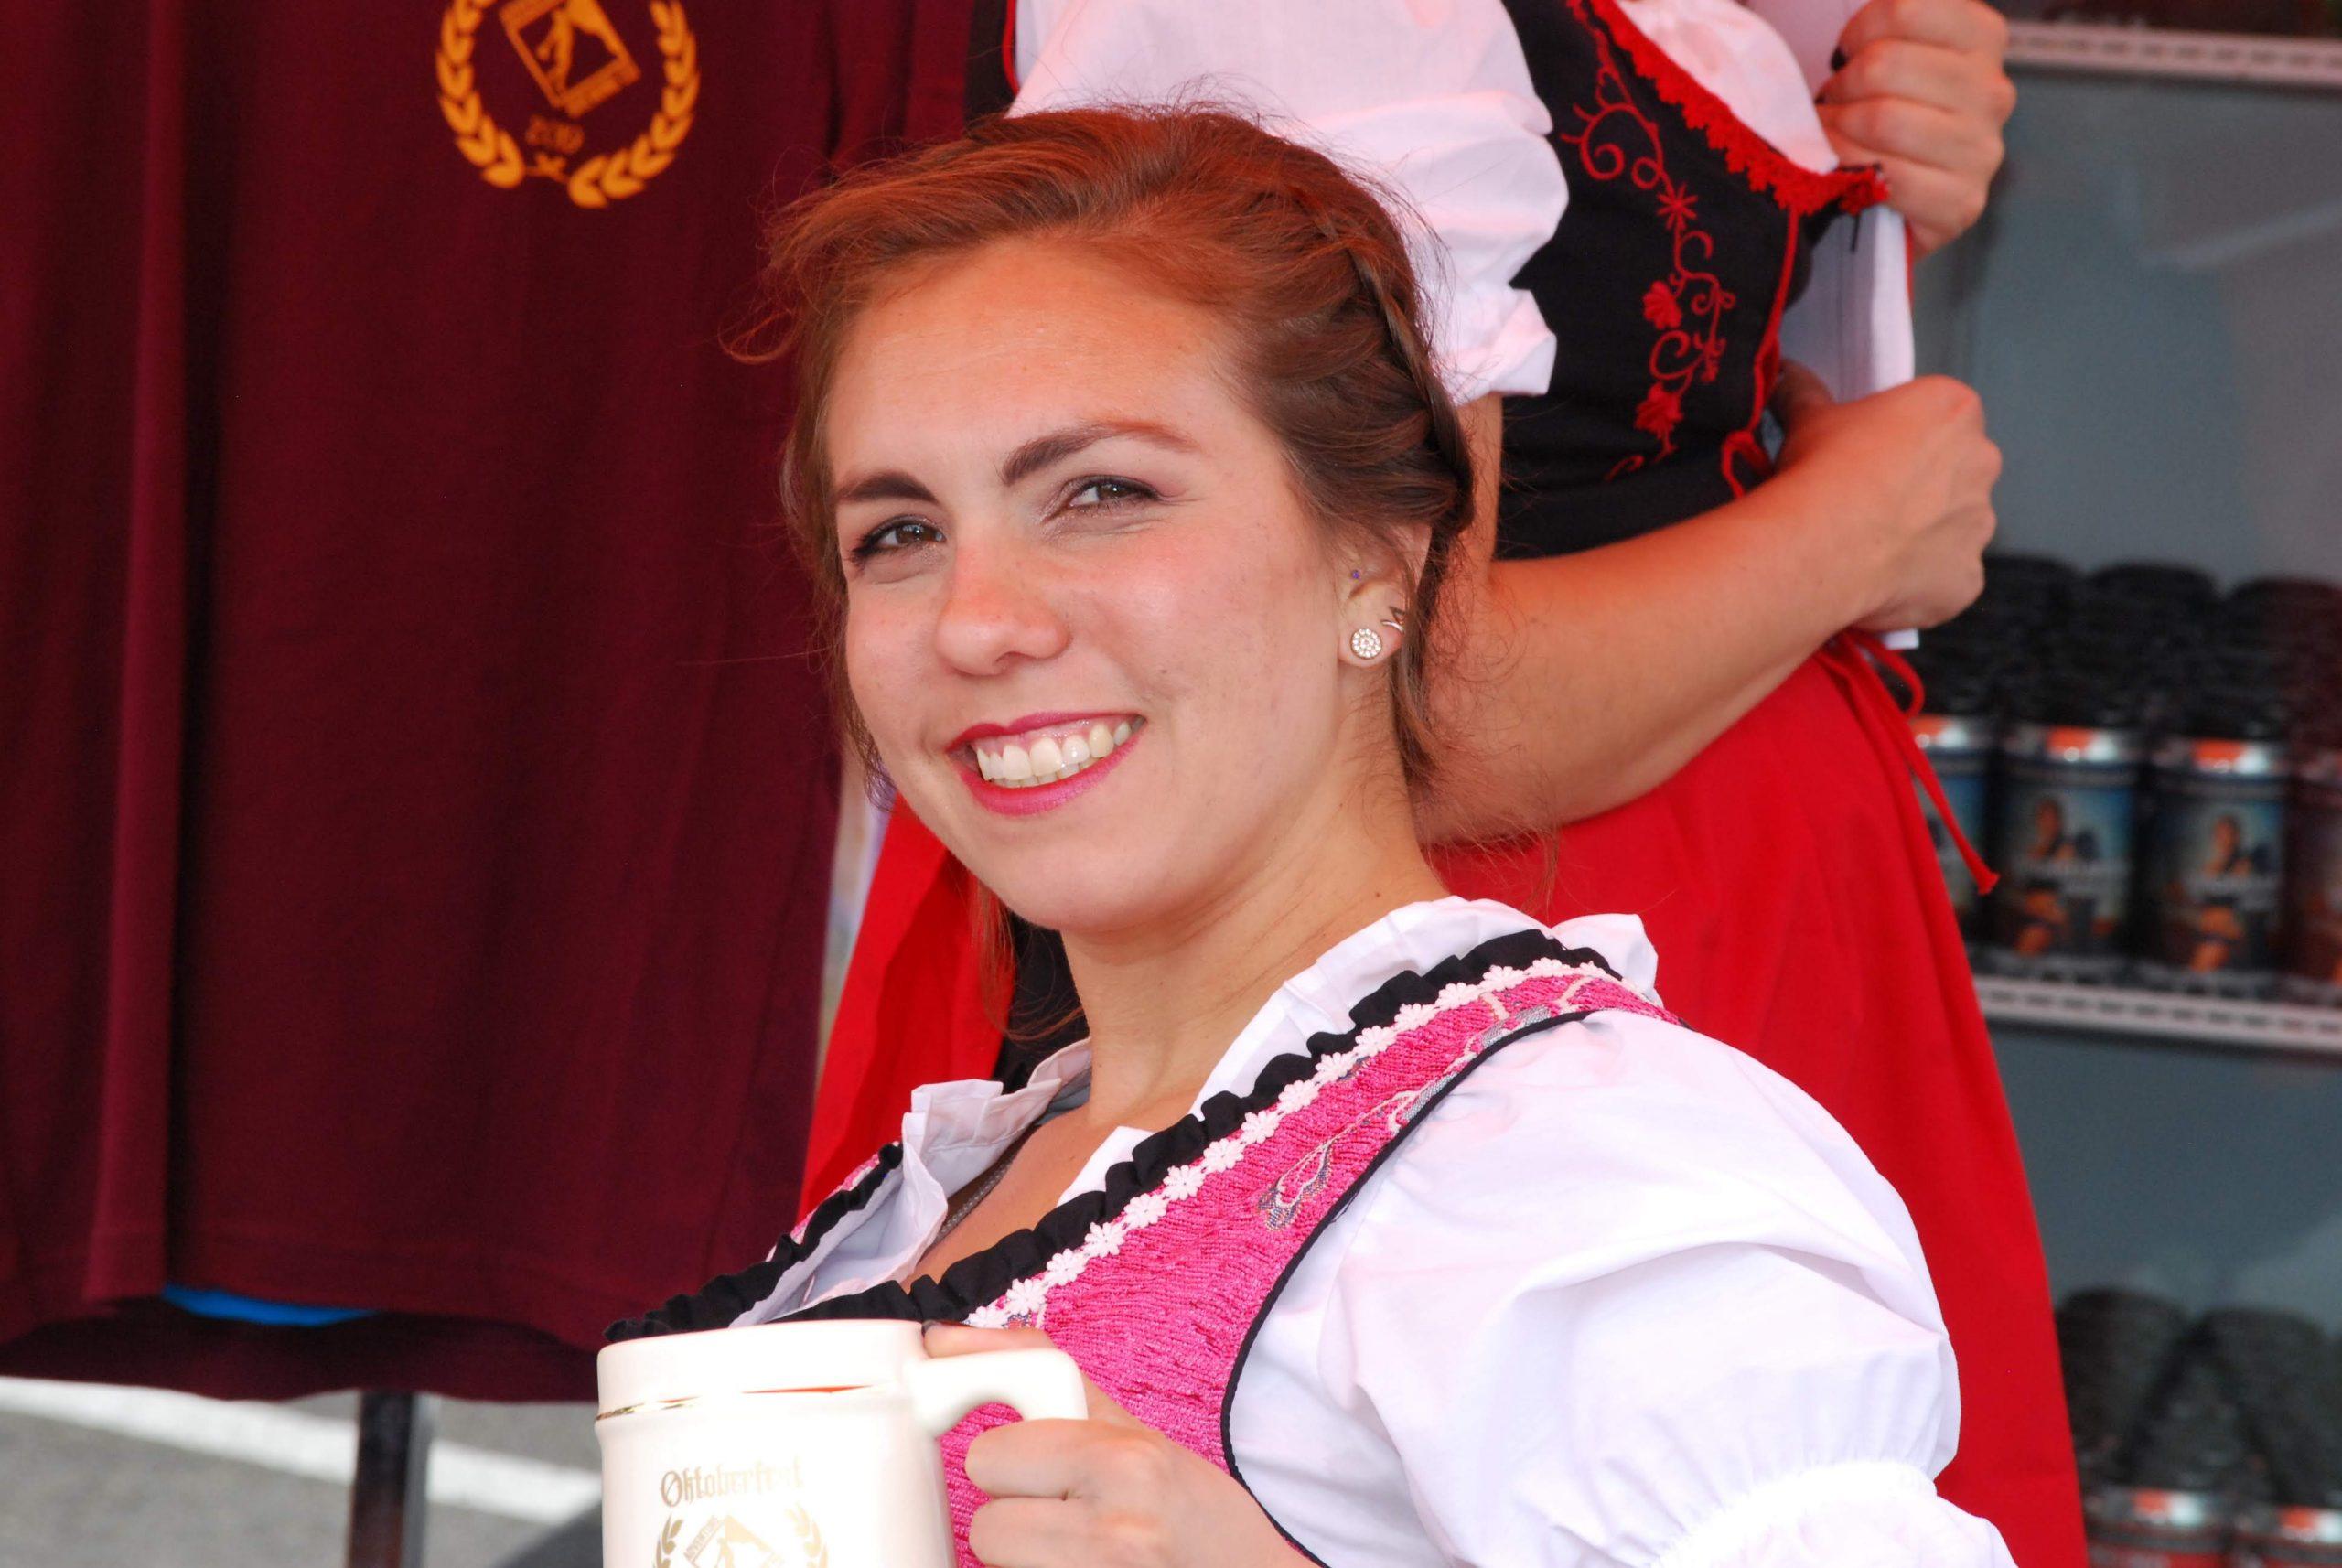 Oktoberfest Holding Stein